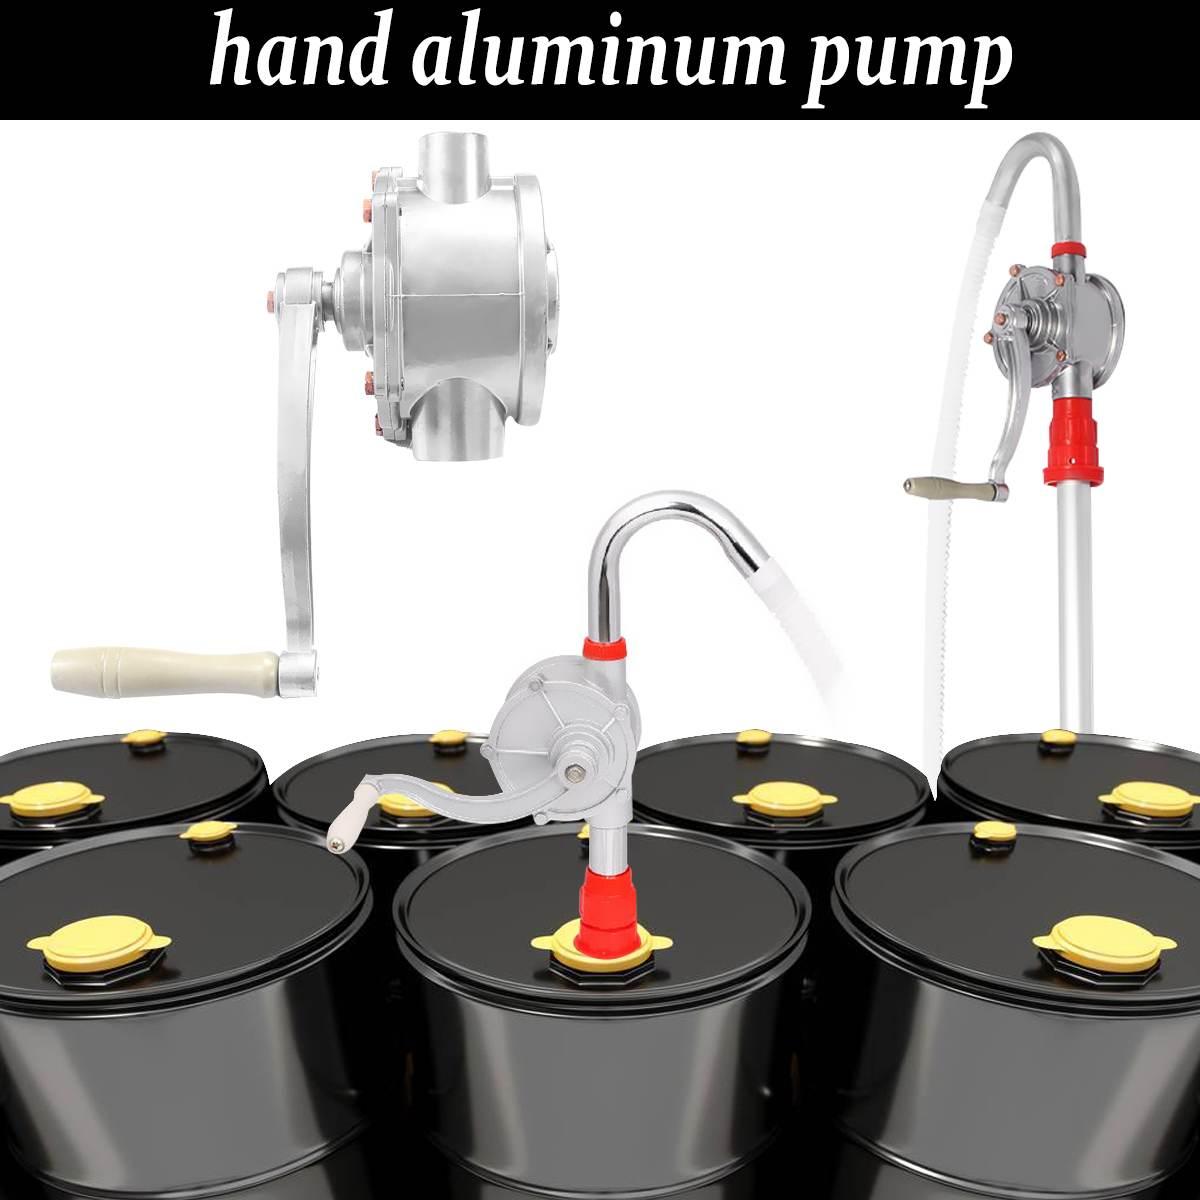 30L/M en aluminium tenu dans la main pour la pompe Diesel mazout essence transfert Auto voiture gaz eau pompes d'aspiration rotatives manivelle baril pompage